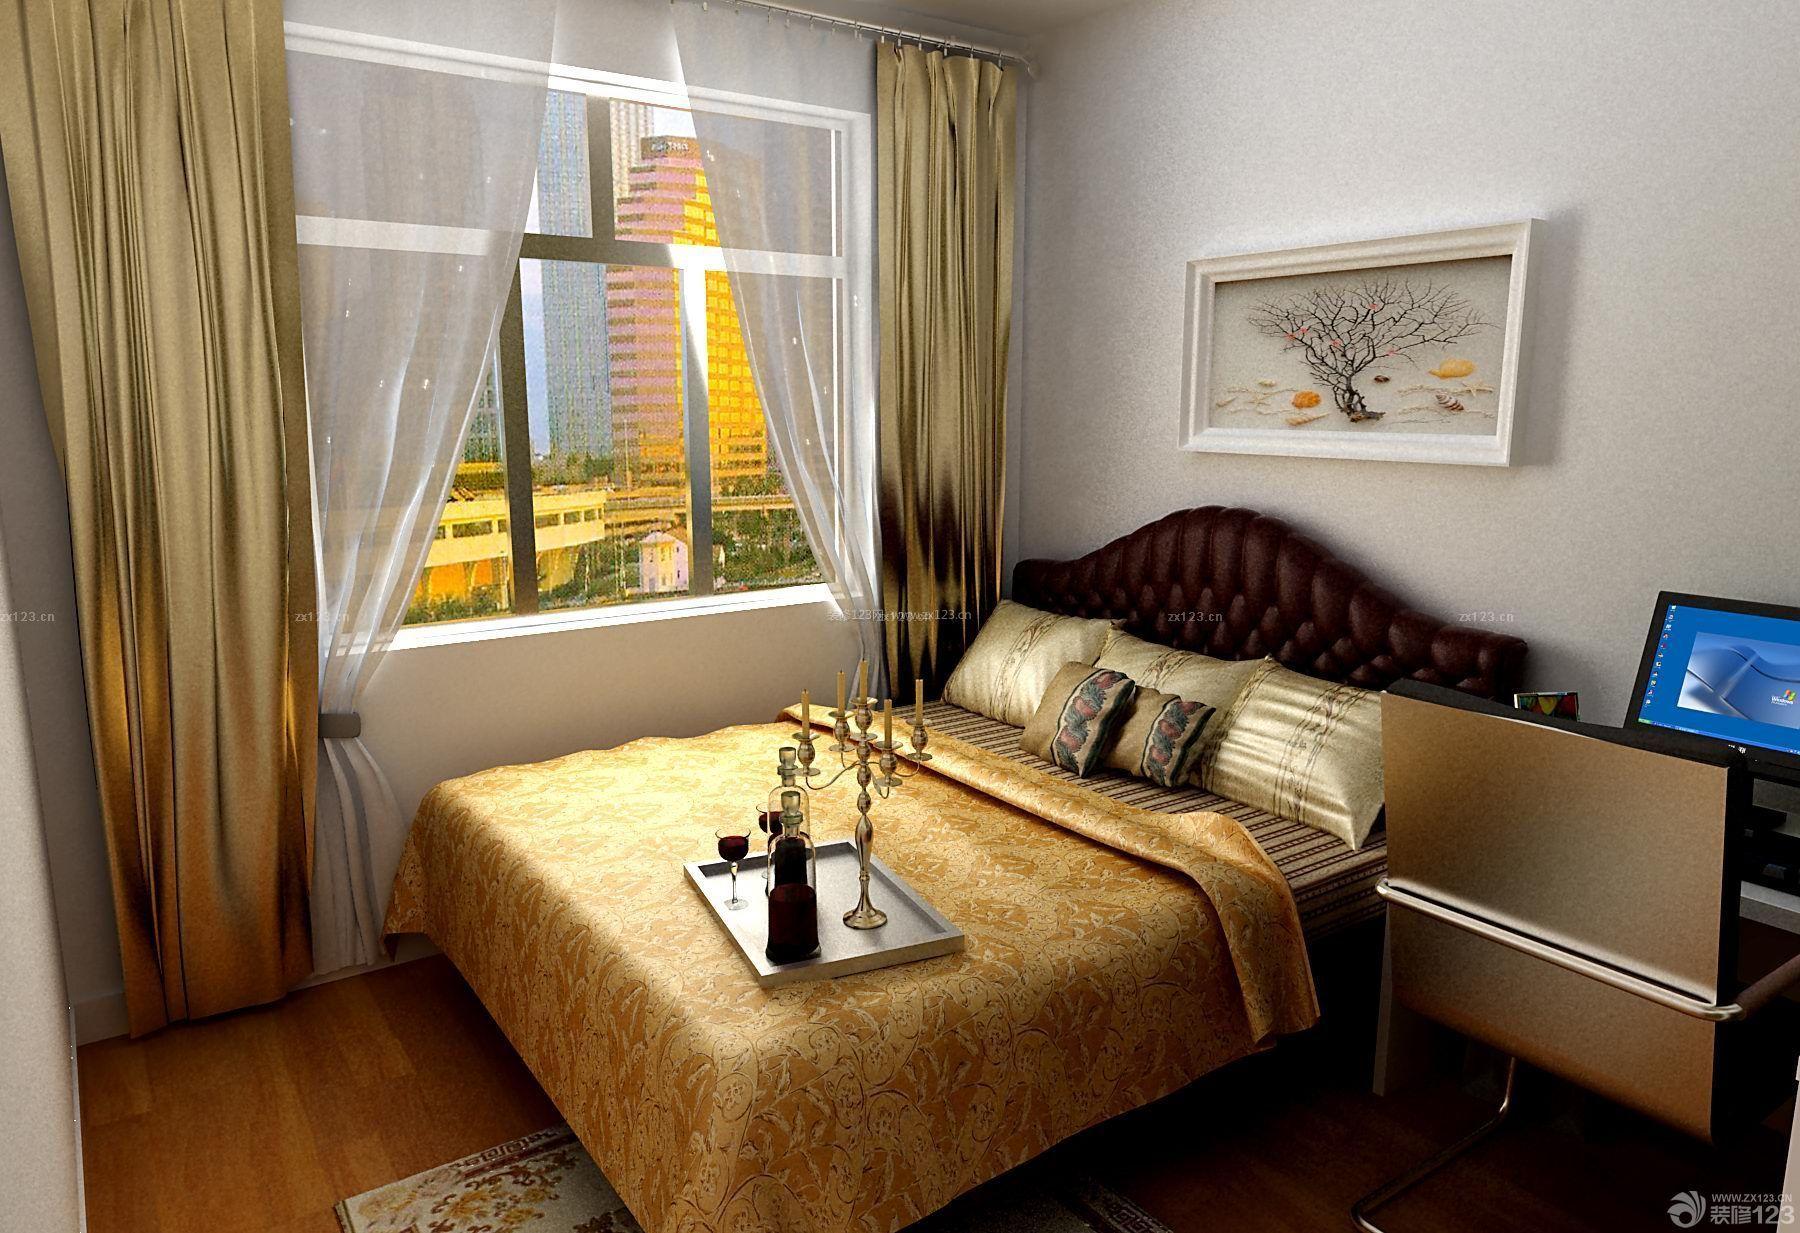 90平米三居室后现代风格小房间金色窗帘设计效果图